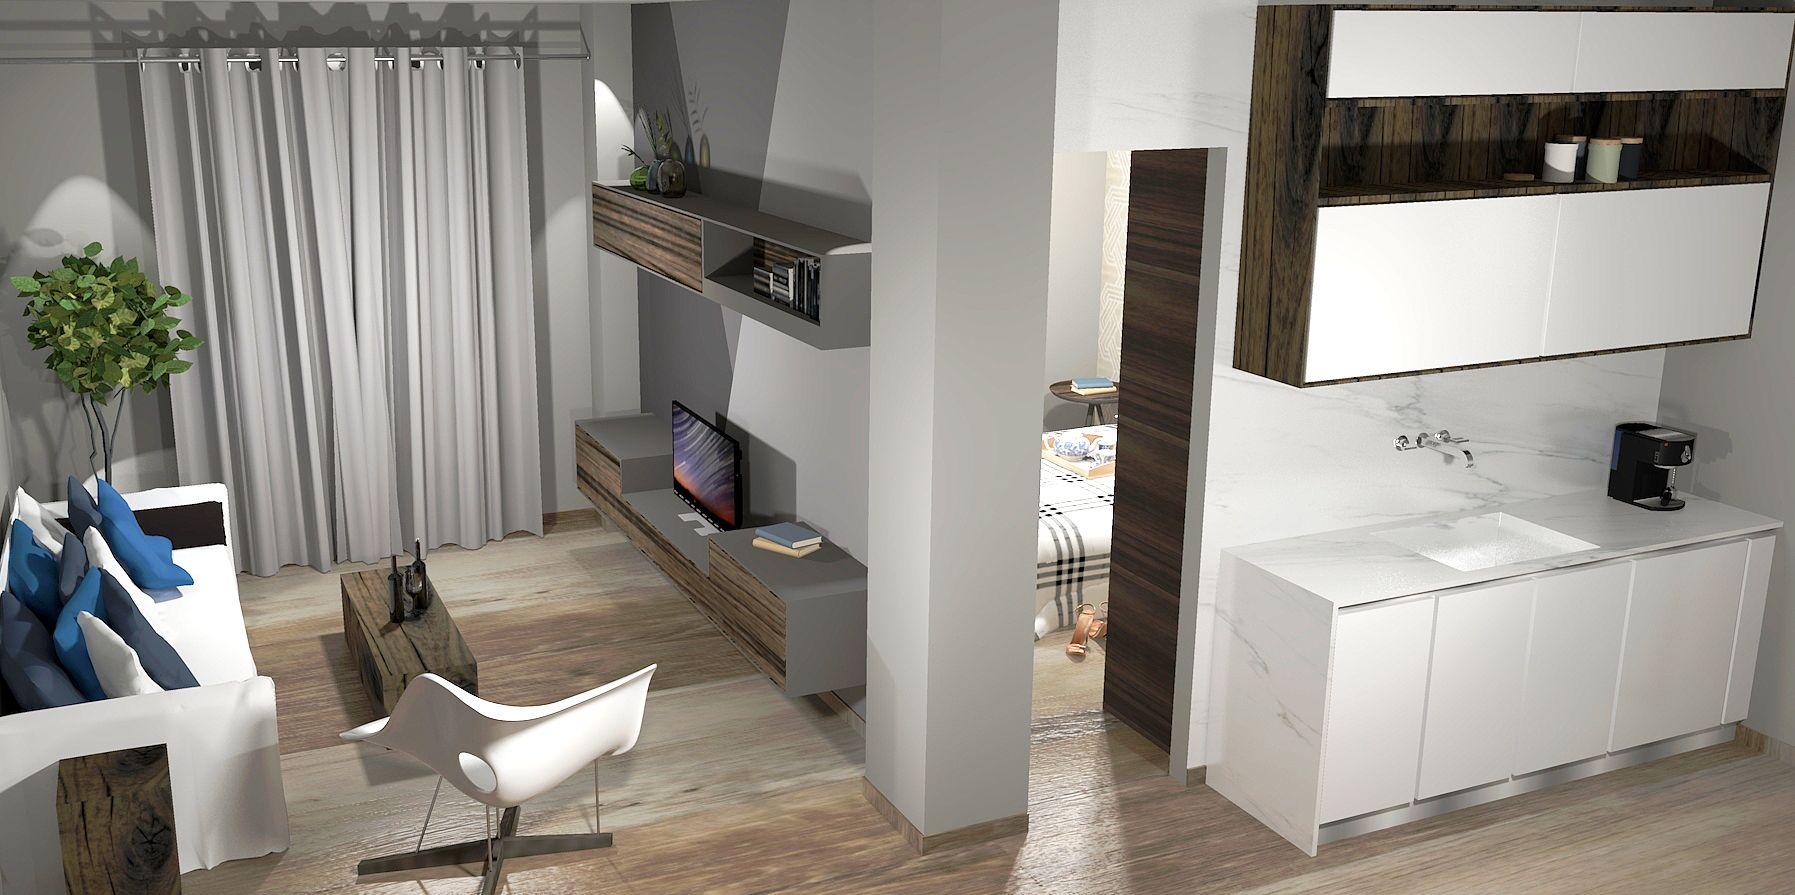 living room Grigorelis design living room Grigorelis